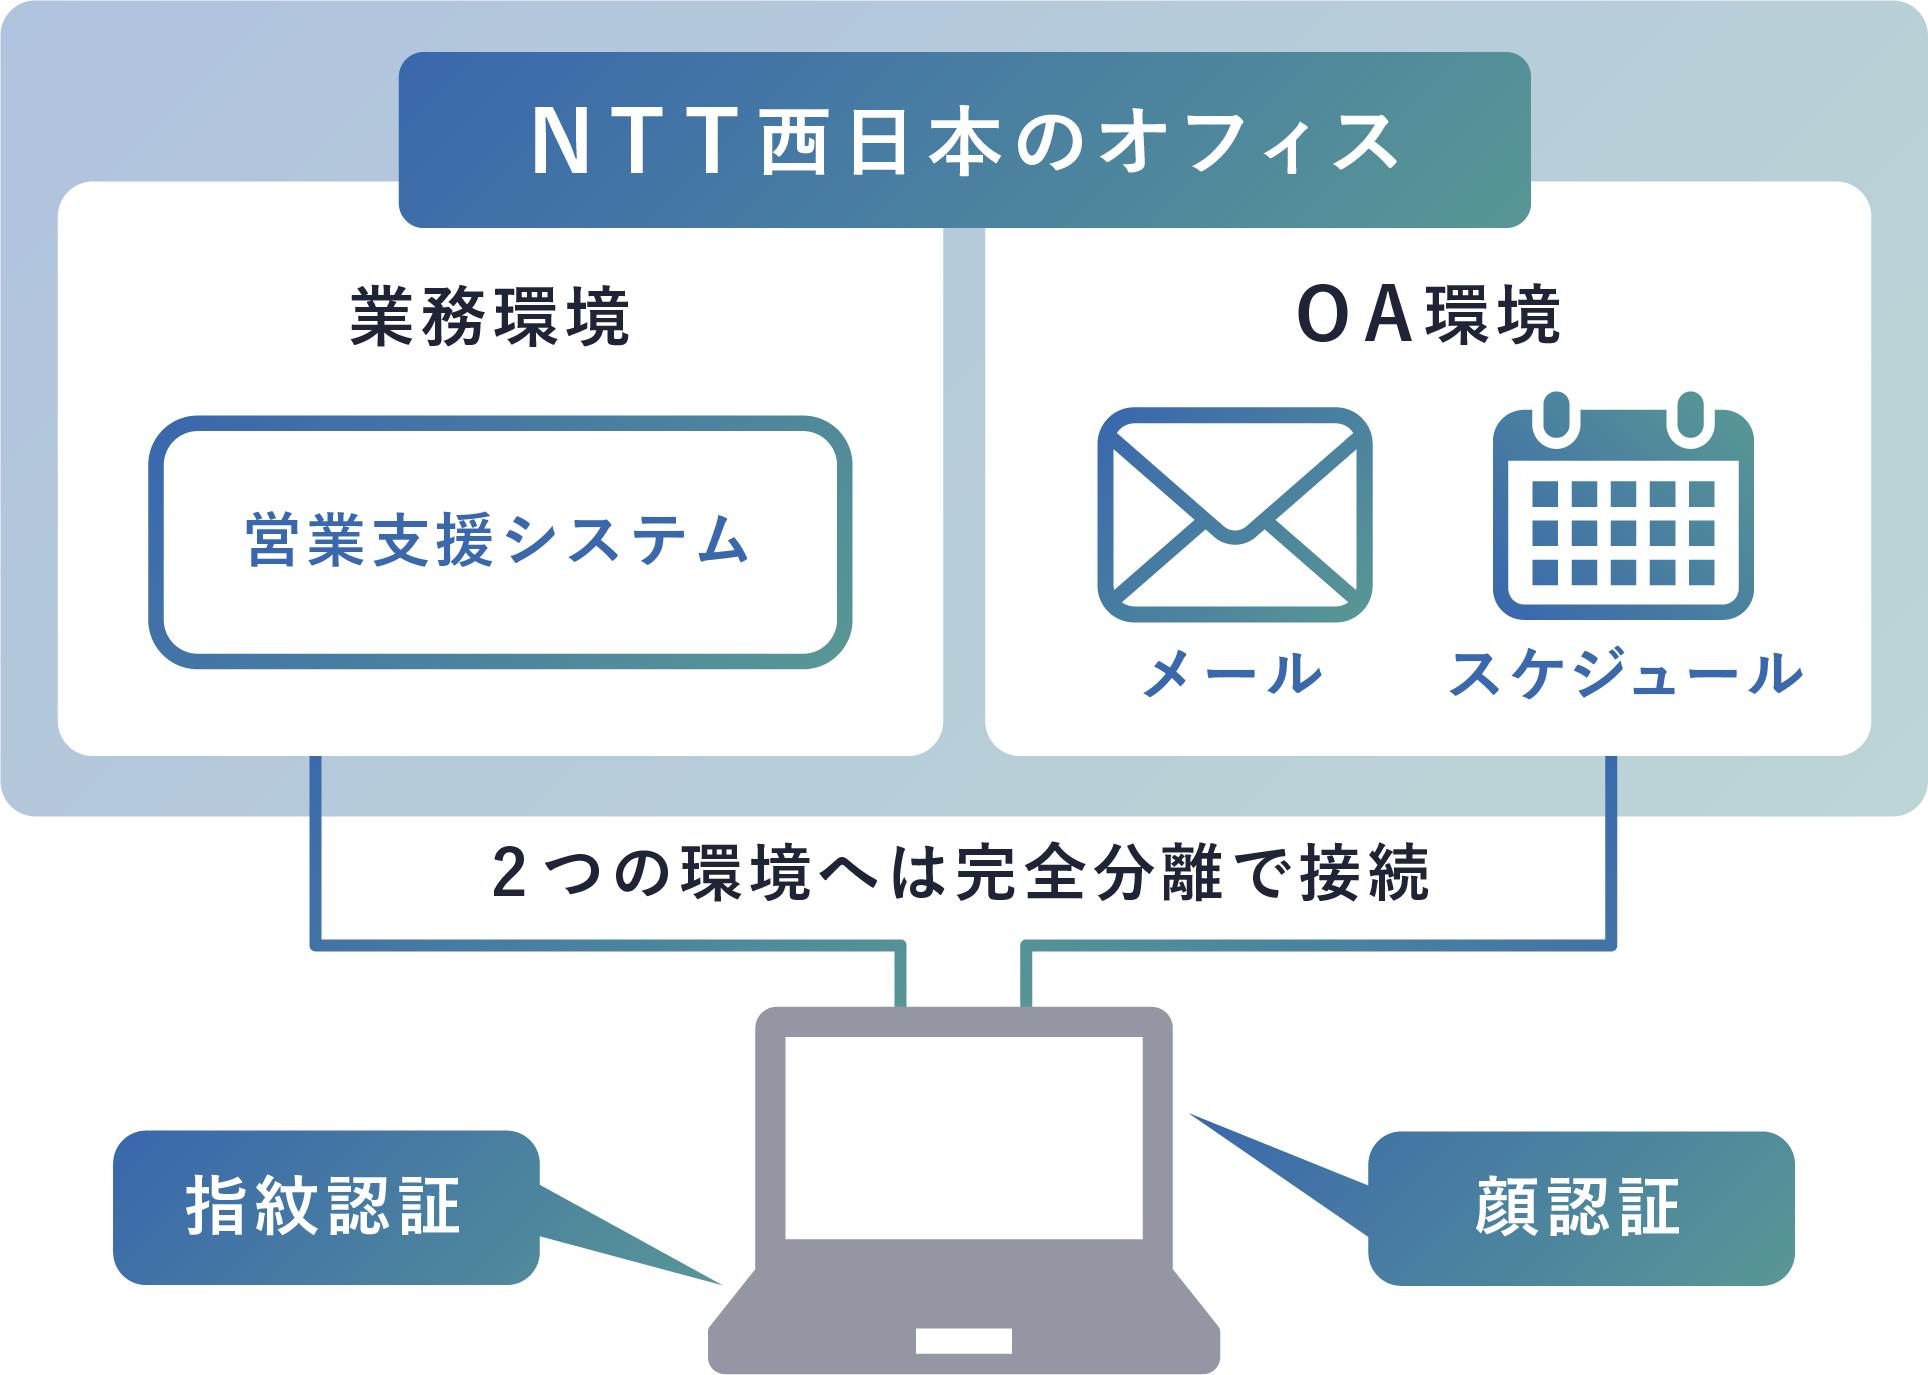 強固な情報セキュリティを確保しつつ、 リモートワークを実現